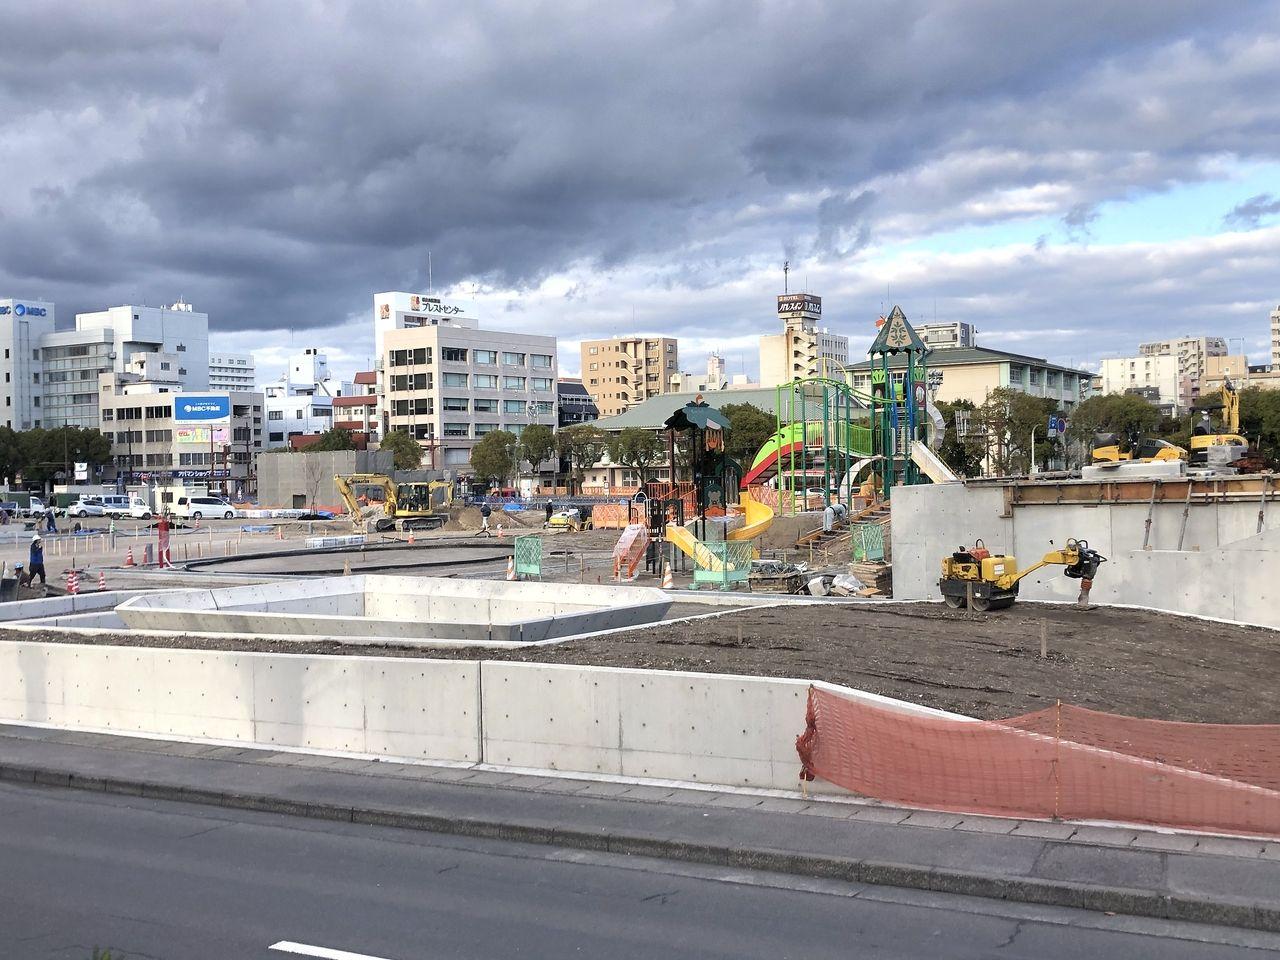 鹿児島市加治屋町 旧市立病院跡地はカフェやアスレチック、駐車場なども出来ます。